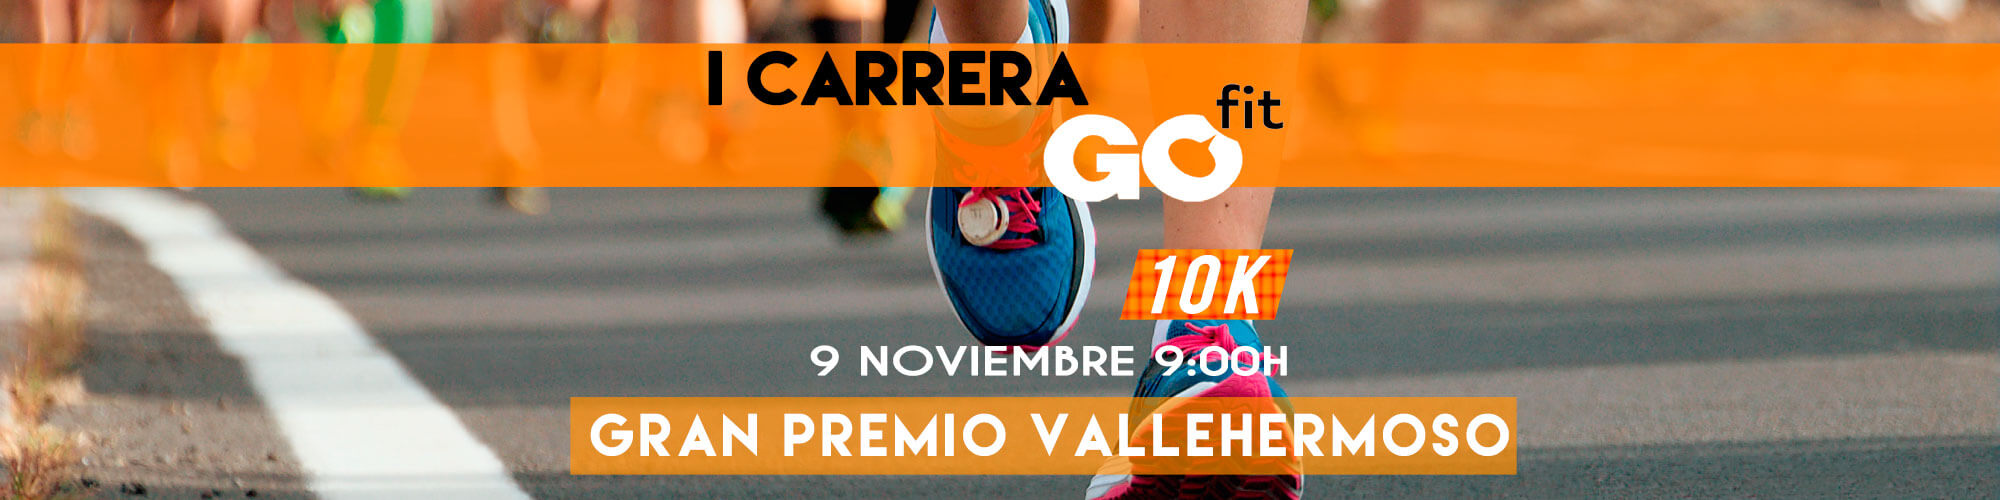 I Carrera Popular Go fit Gran premio Vallehermoso